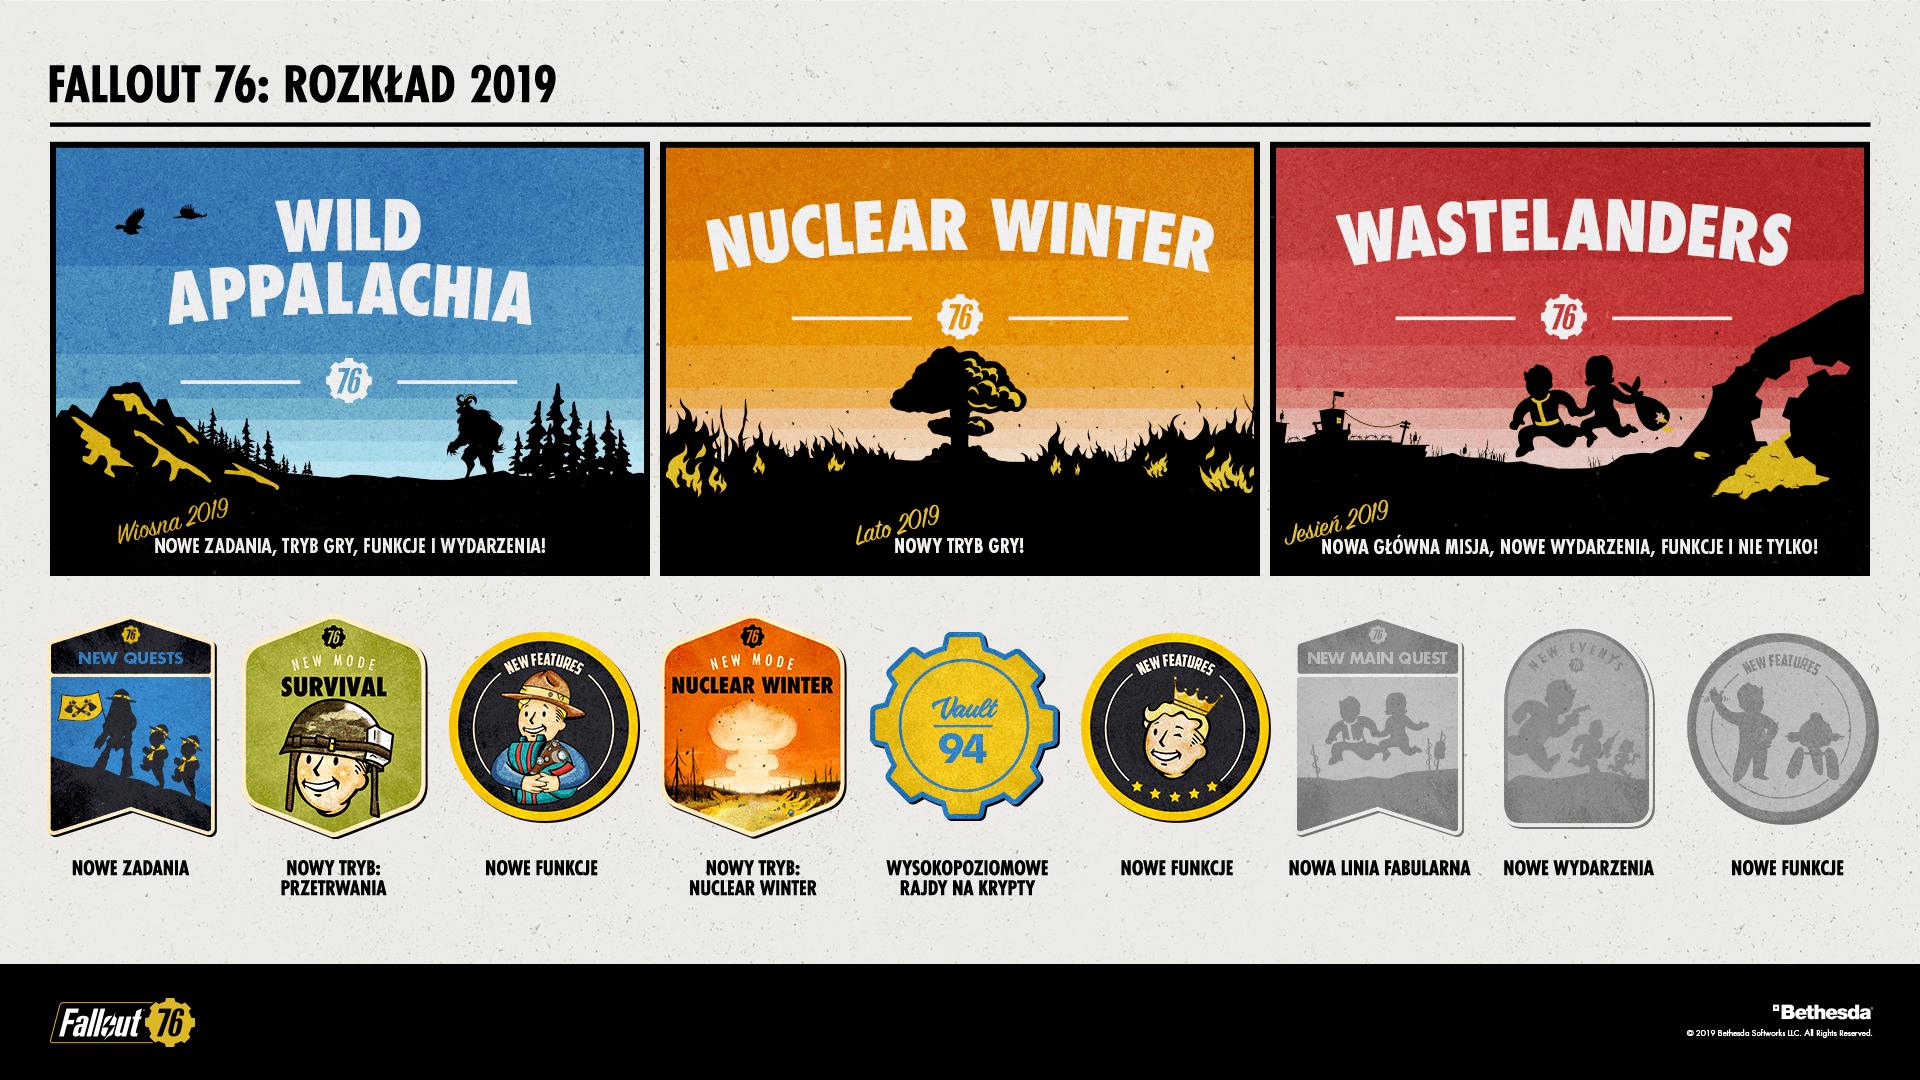 Bethesda się nie poddaje! Wsparcie dla Fallouta 76 na 2019 rok wygląda obiecująco 18